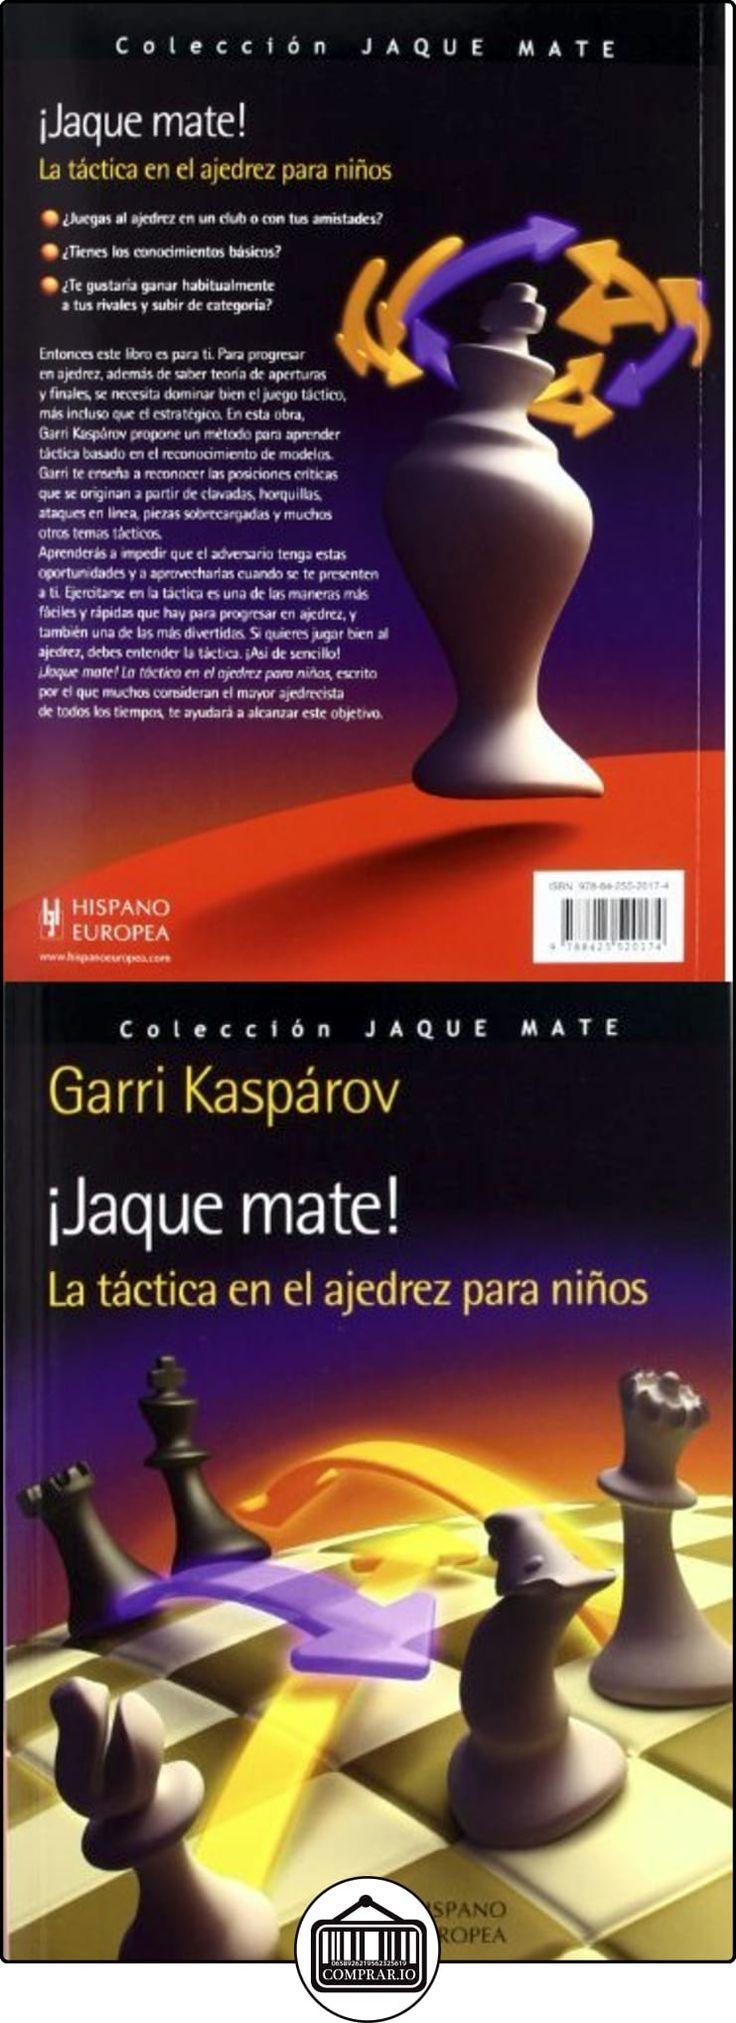 ¡Jaque mate! La táctica en el ajedrez para niños Garri Kasparov ✿ Libros infantiles y juveniles - (De 6 a 9 años) ✿